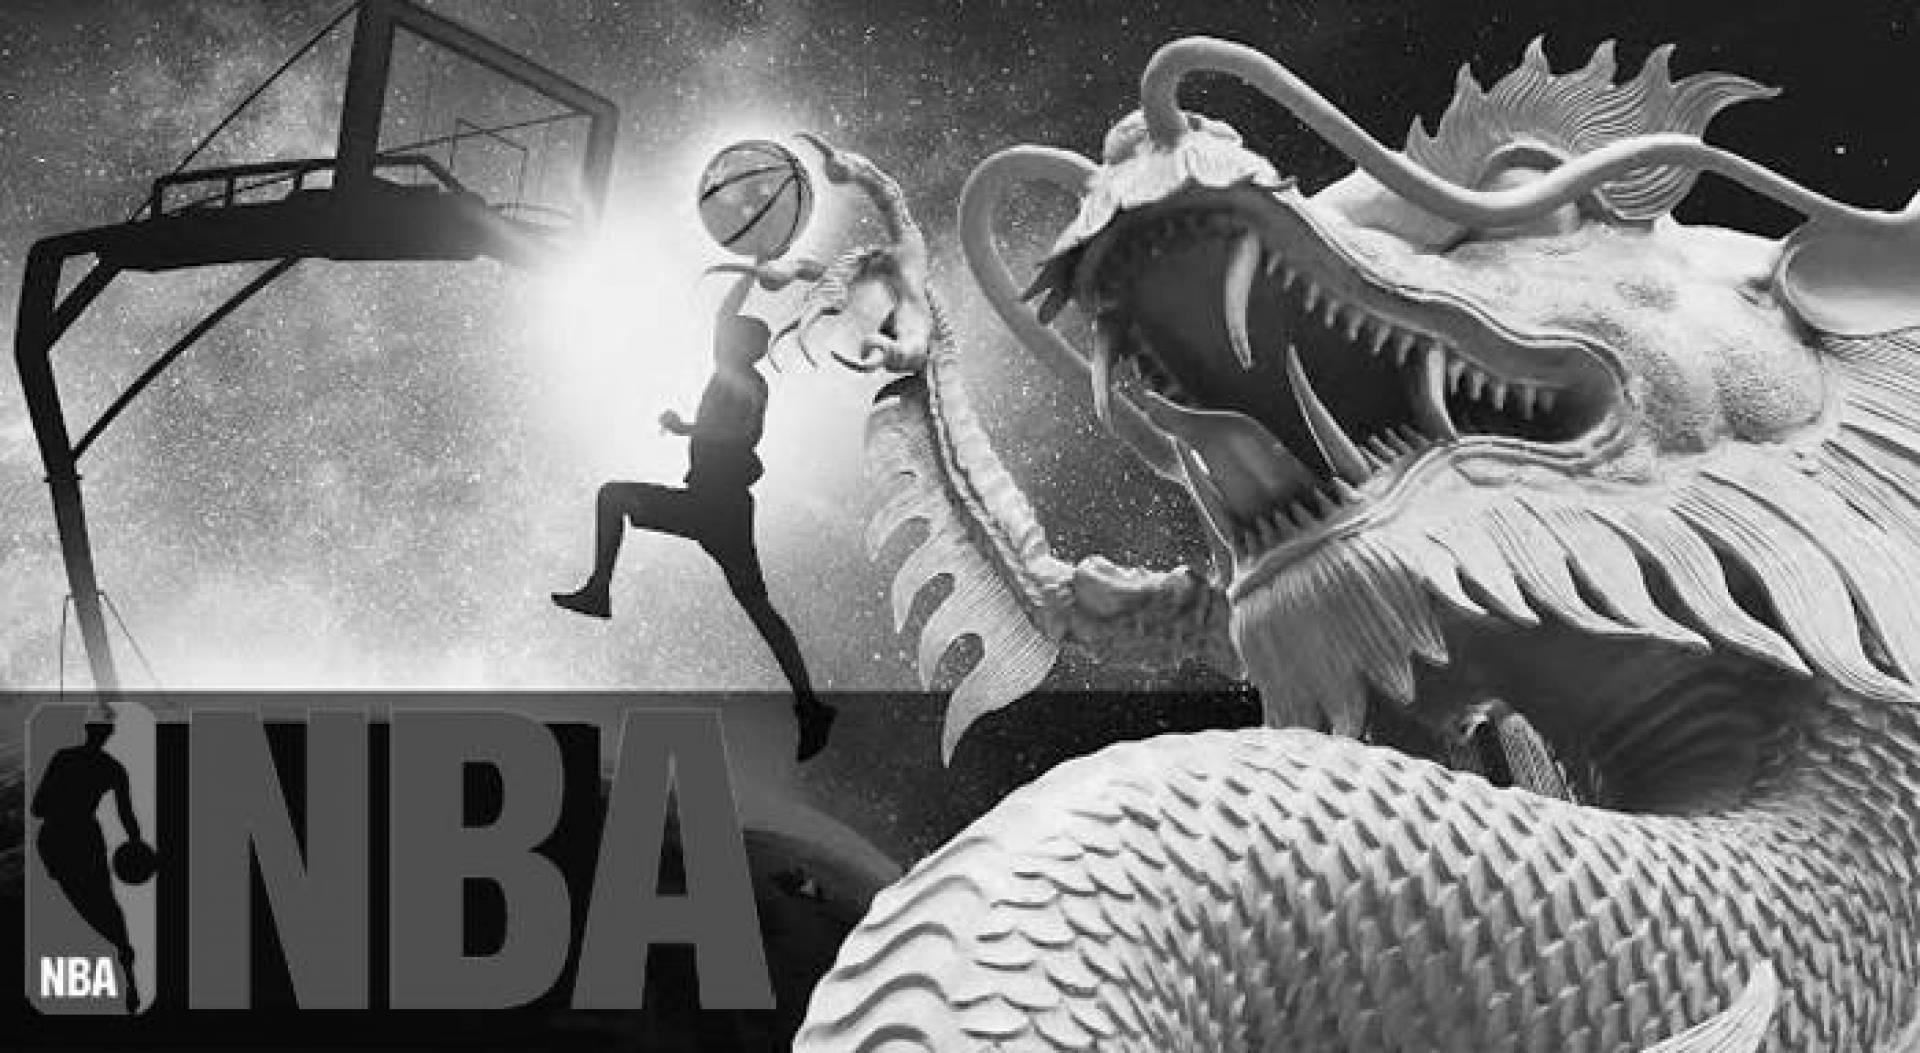 الصين تُدَّمر دوري كرة السلة الأمريكي NBA!